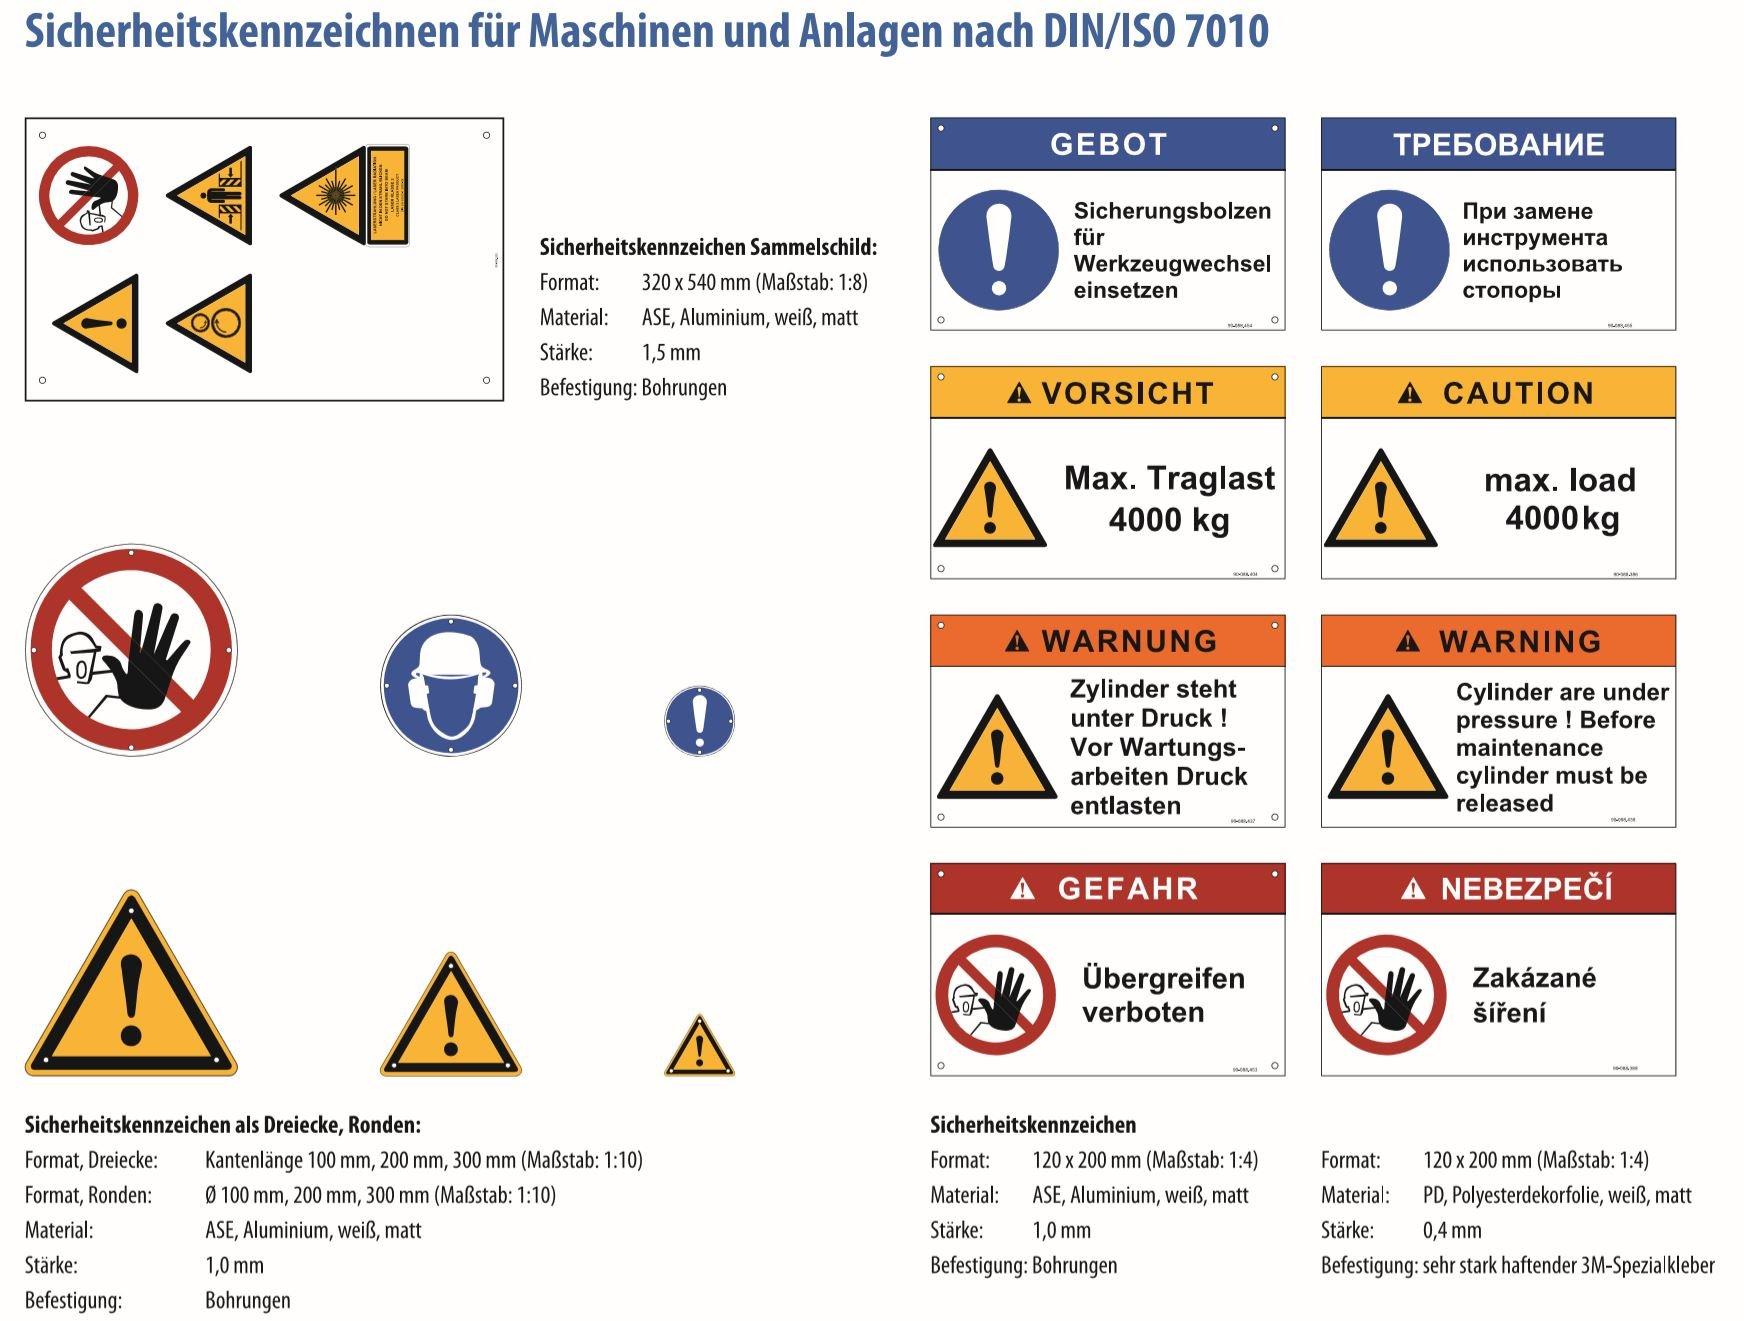 Sicherheitskennzeichen für Maschinen und Anlagen nach DINISO 7010